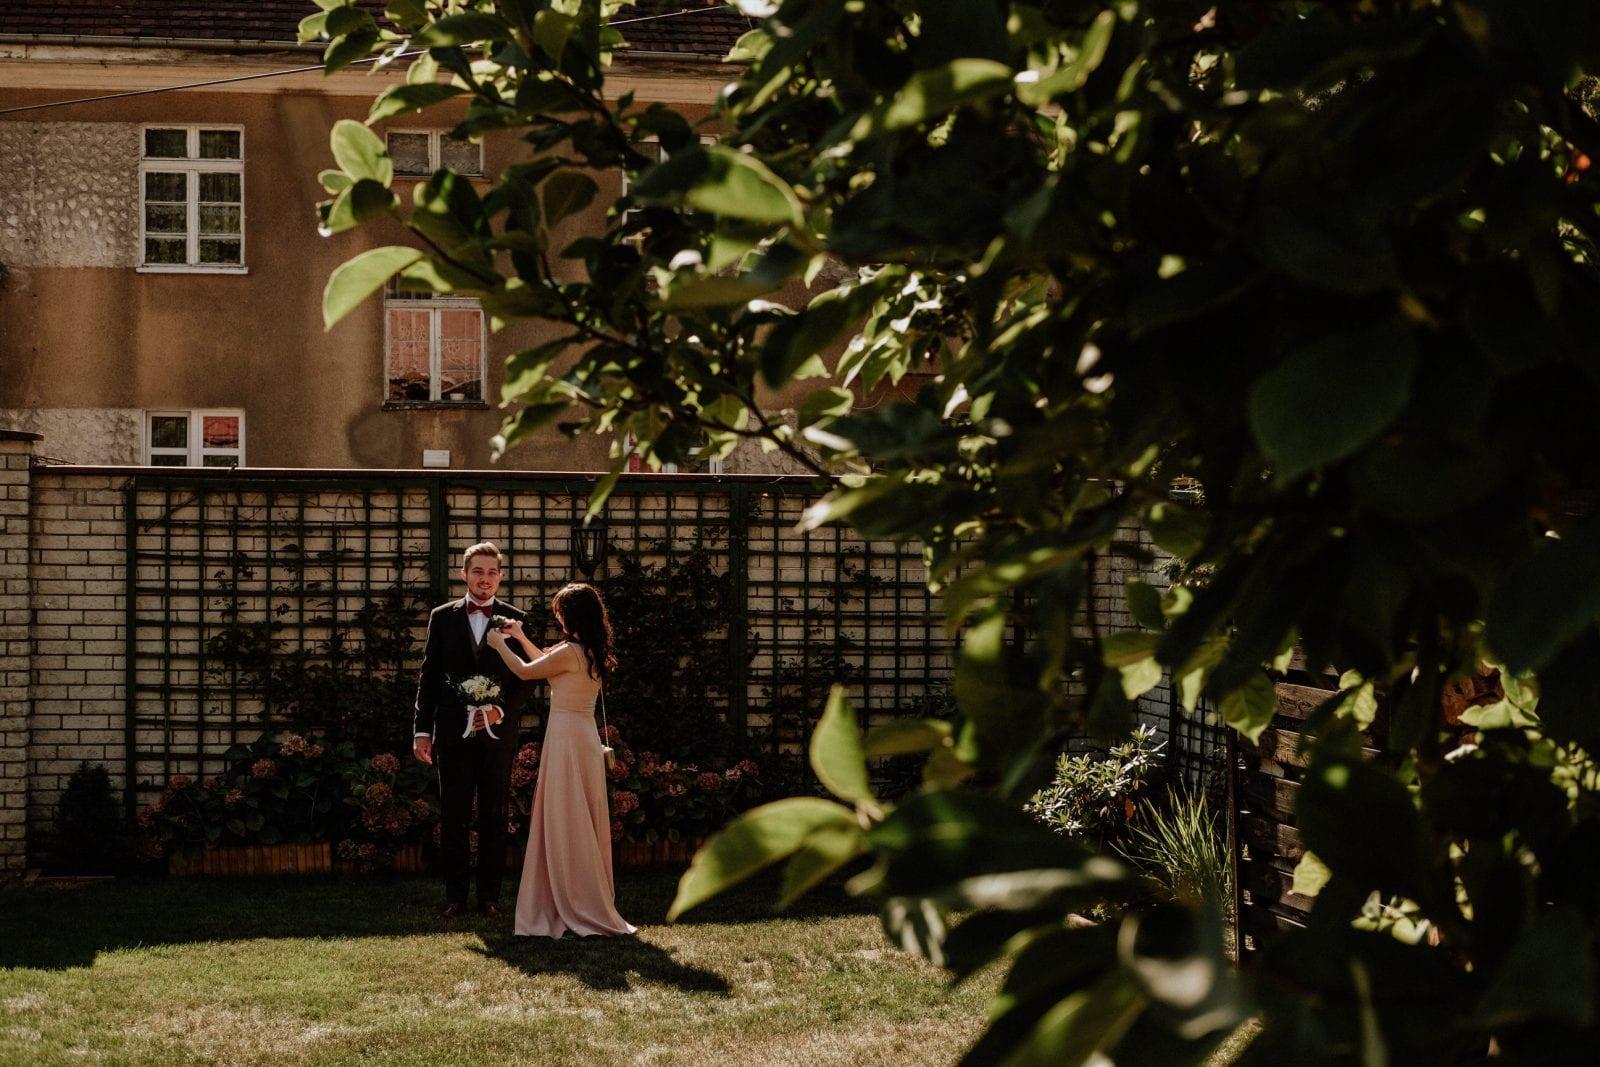 artystyczna fotografia ślubna, dekoracje ślubne, przyjęcie weselne w Barlinku, Suknia ślubna, wesele w Leśnym Domu w Barlinku, zdjęcia ślubne w Barlinku Wesele w Leśnym Domu w Barlinku